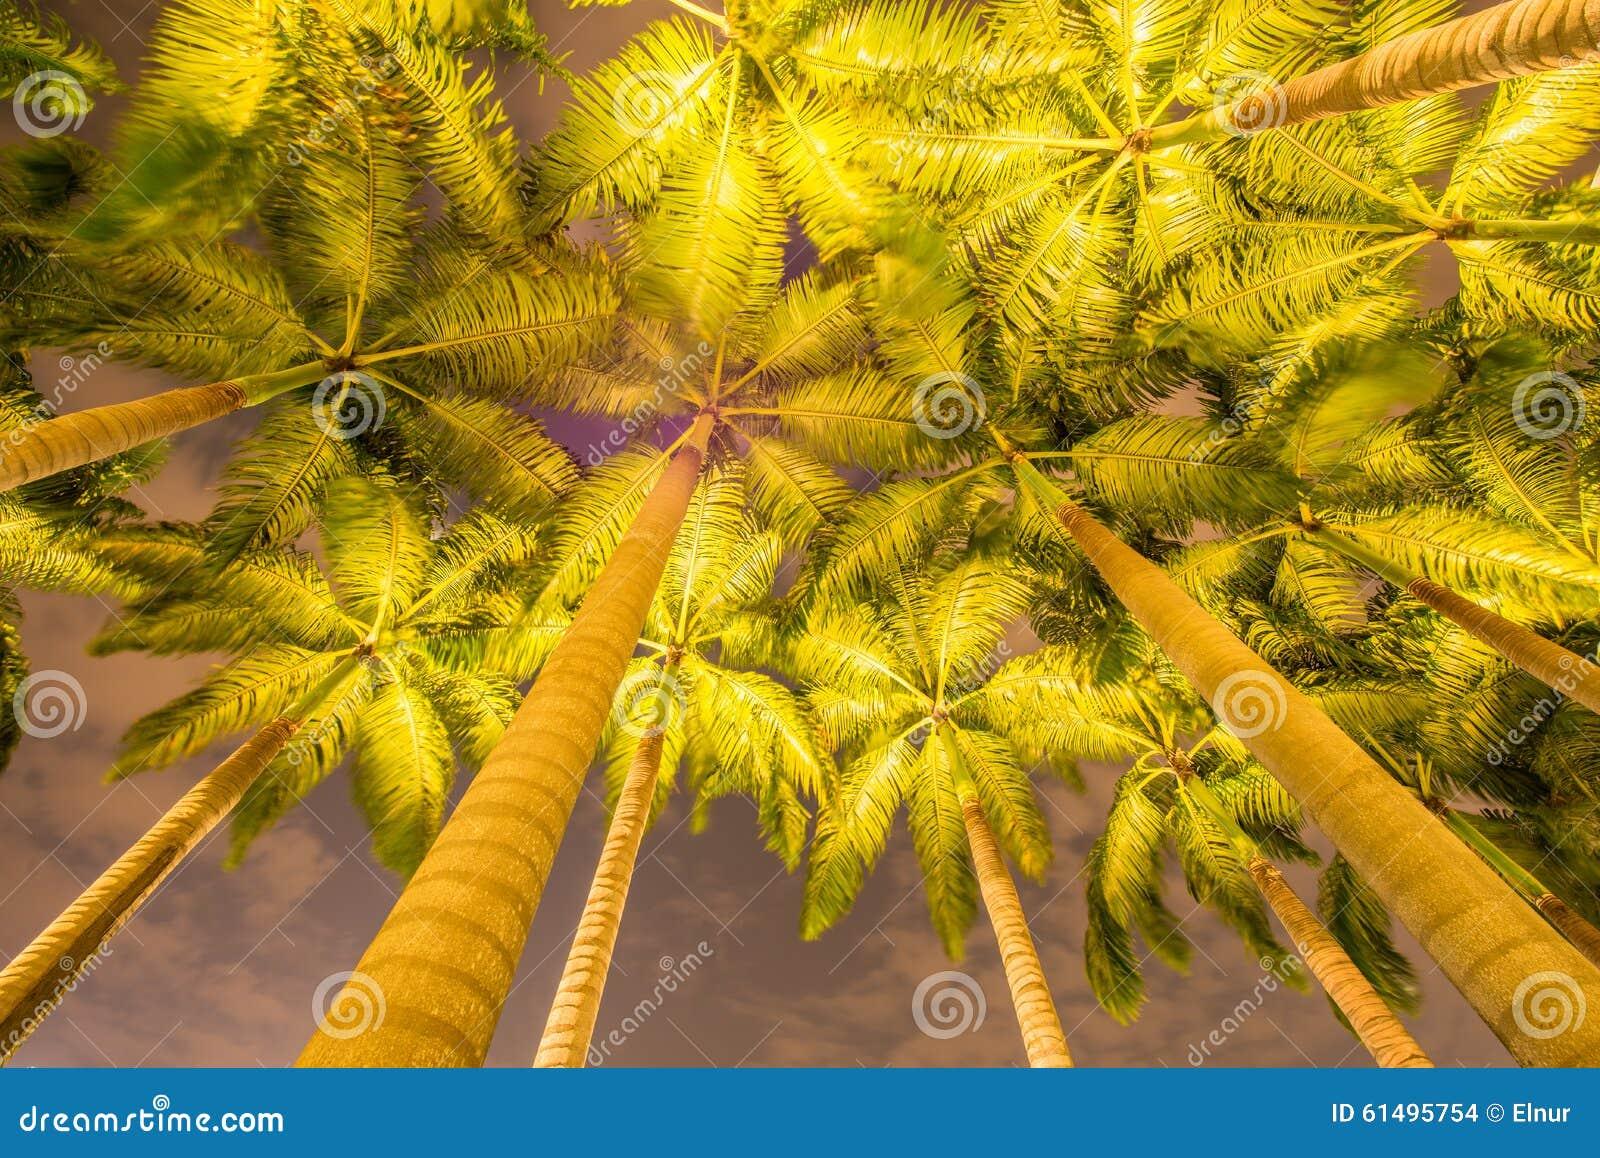 Les palmiers pendant les heures de coucher du soleil photo - Horaire coucher du soleil aujourd hui ...